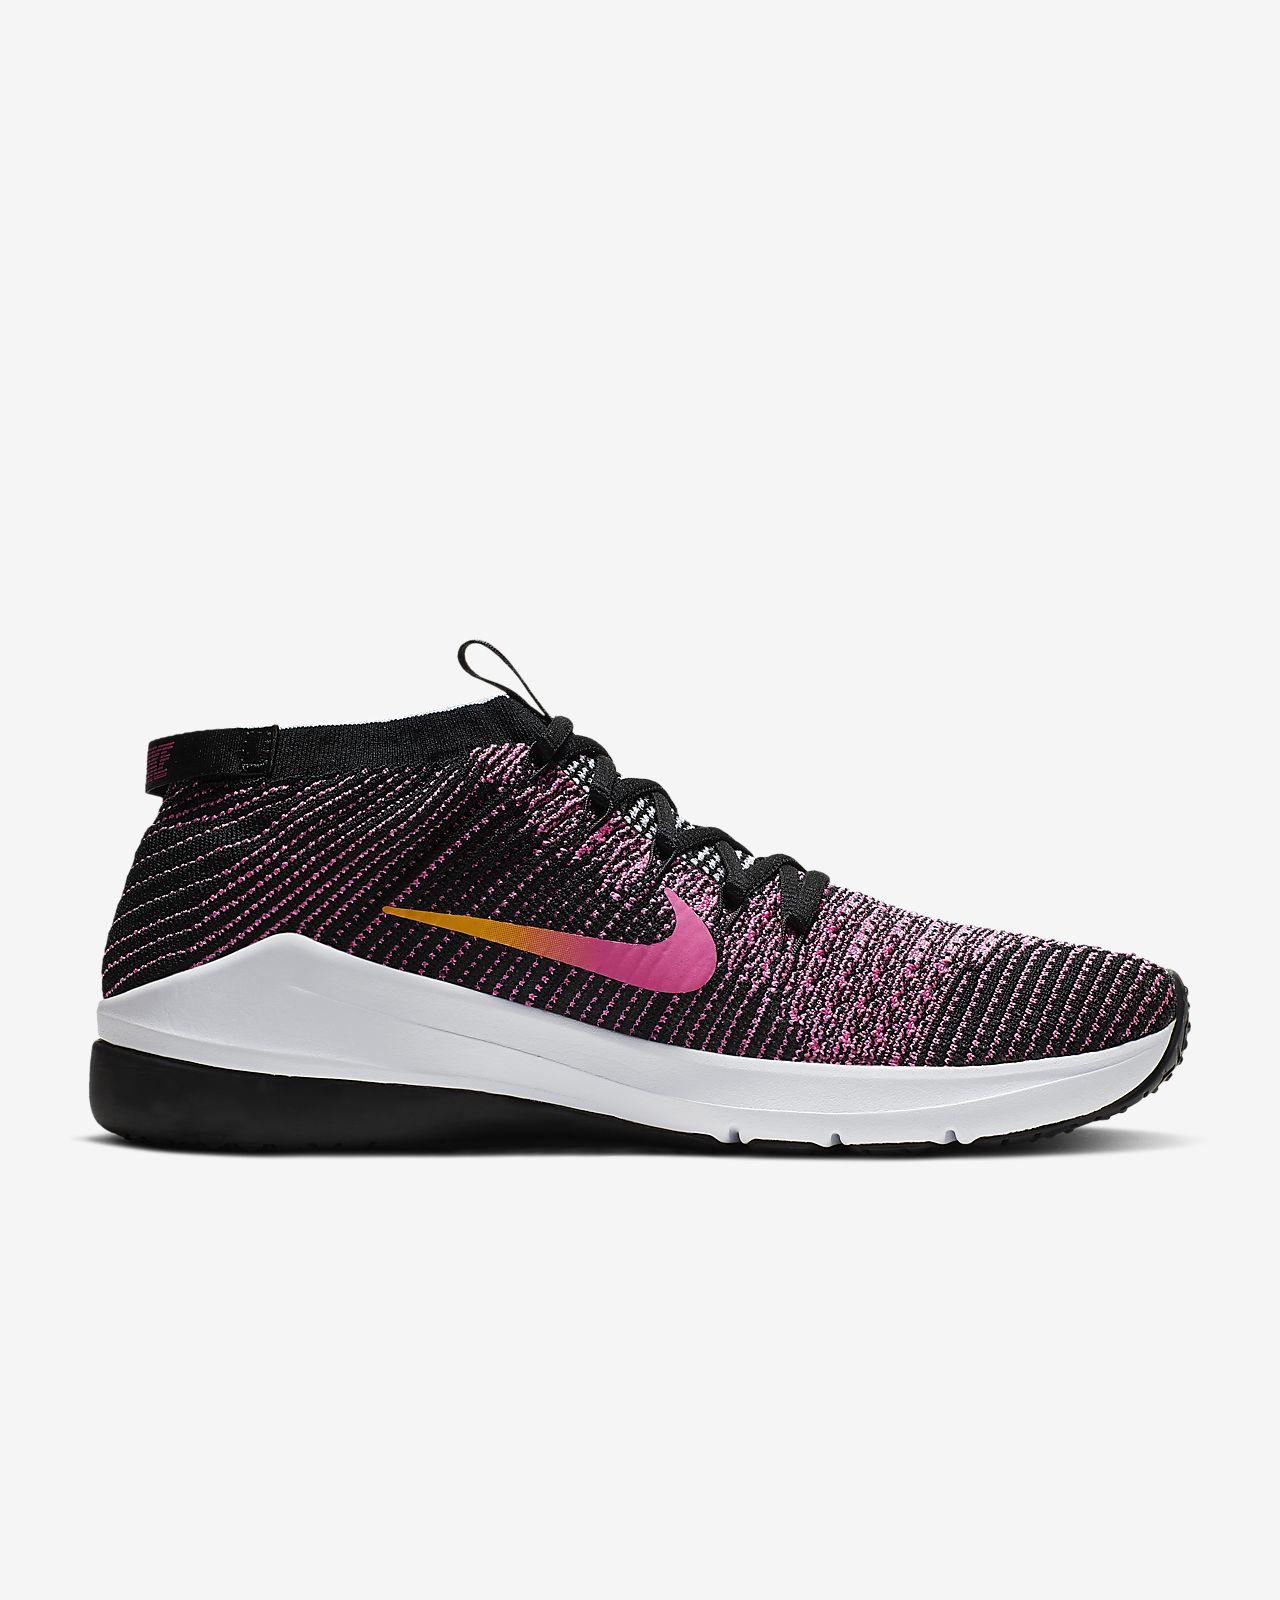 dab065585b3f Nike Air Zoom Fearless Flyknit 2-trænings- boksesko til kvinder ...